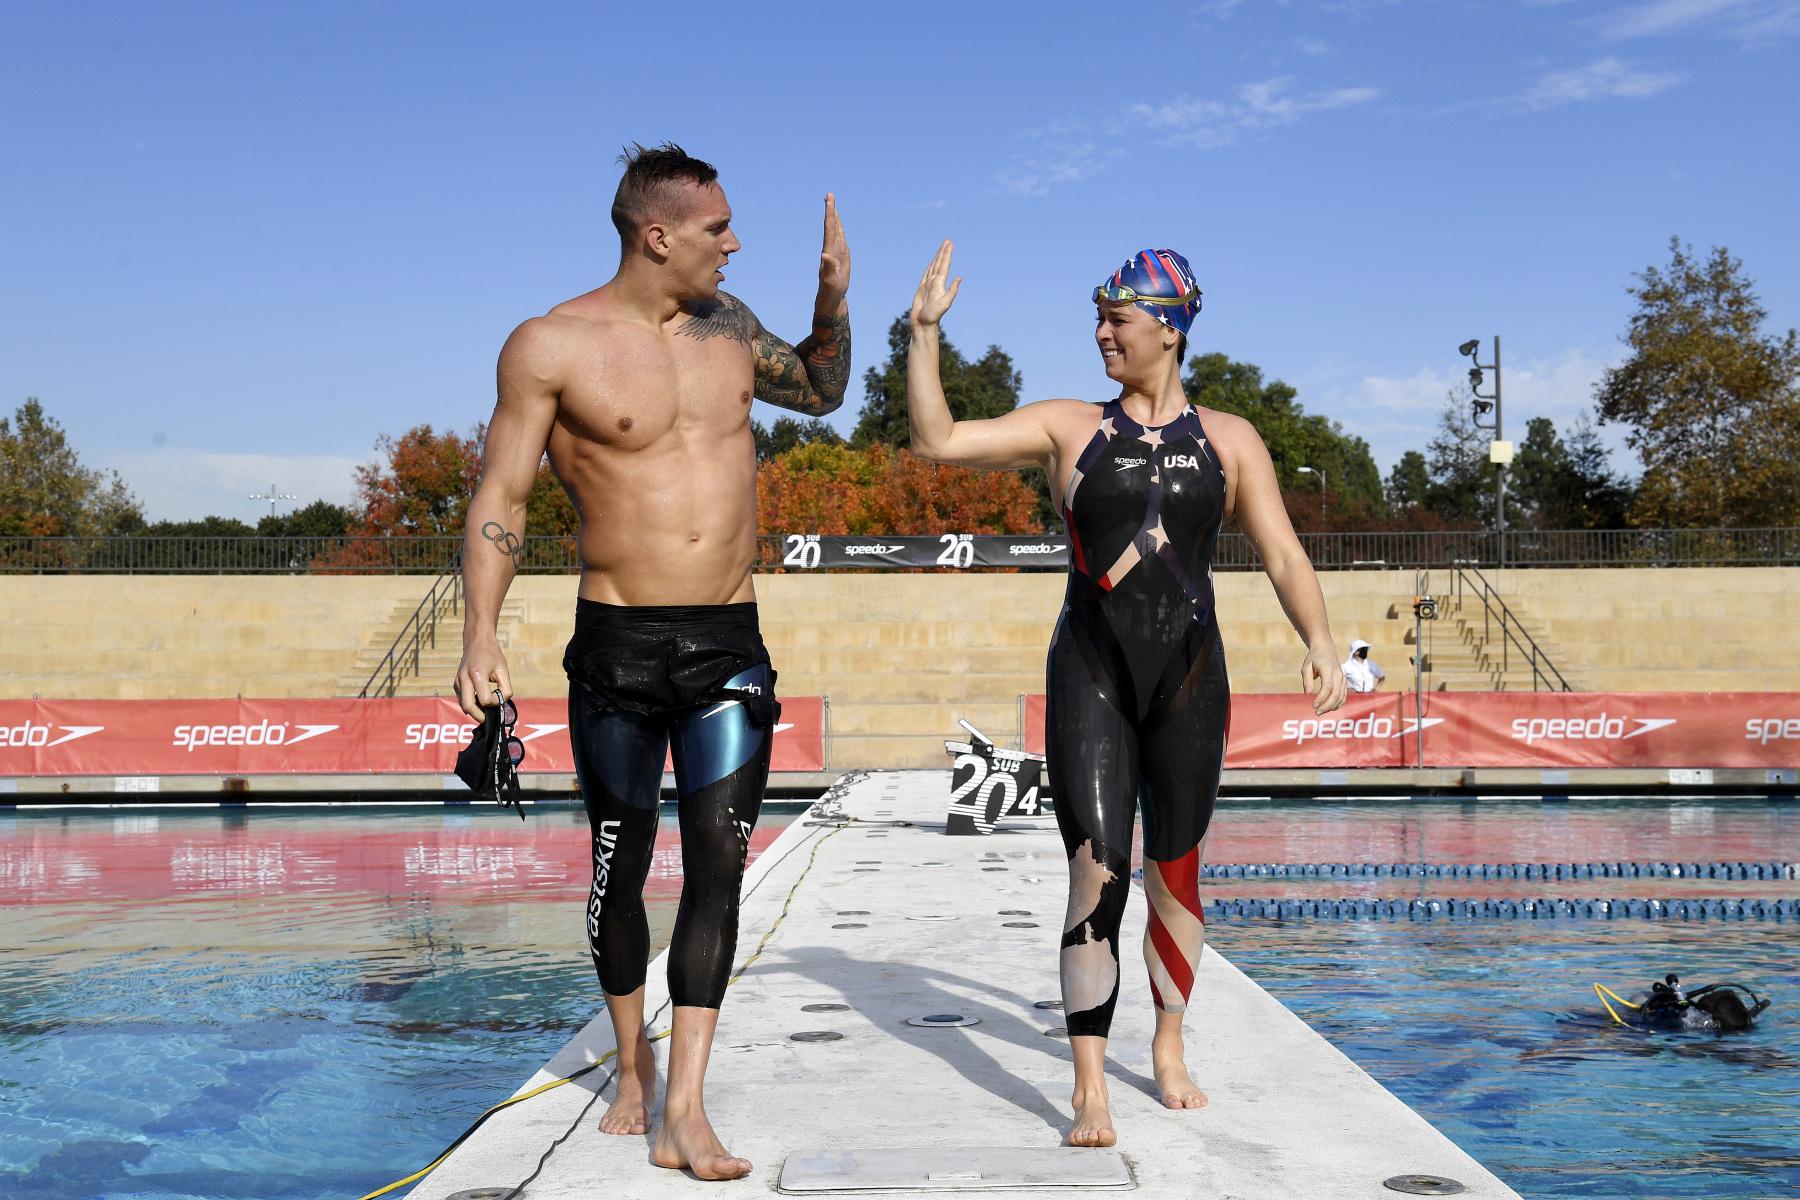 Wuderschwimmer im Wunderanzug: In Kalifornien sprintet Caeleb Dressel 50 Meter im Alleingang gegen die Uhr. Foto: Getty Images